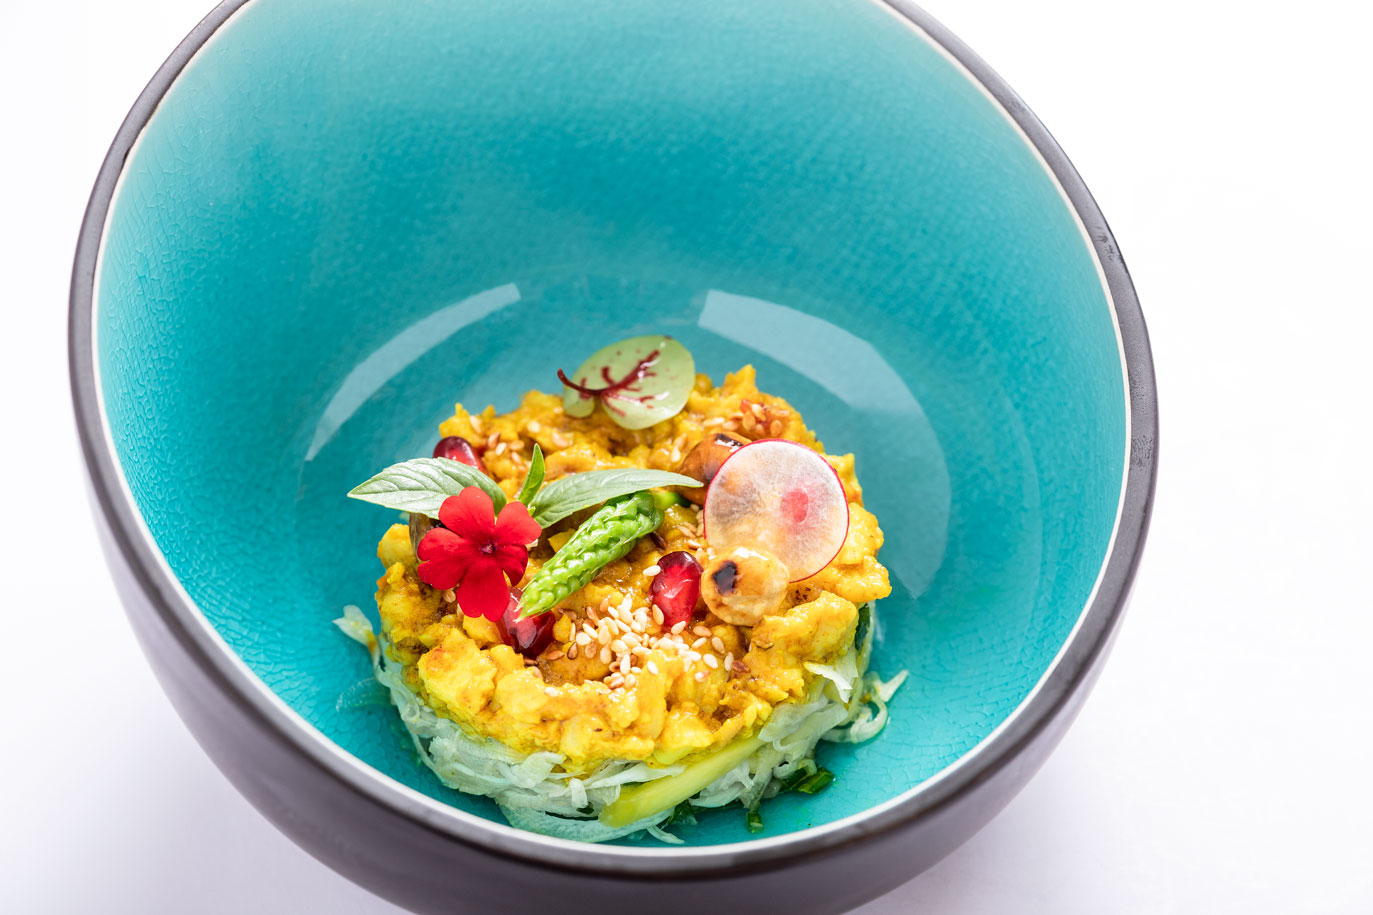 Spicy kip in de wok, oriental coleslaw, khafir, limoen, Thaise basilicum - DE MANGERIE